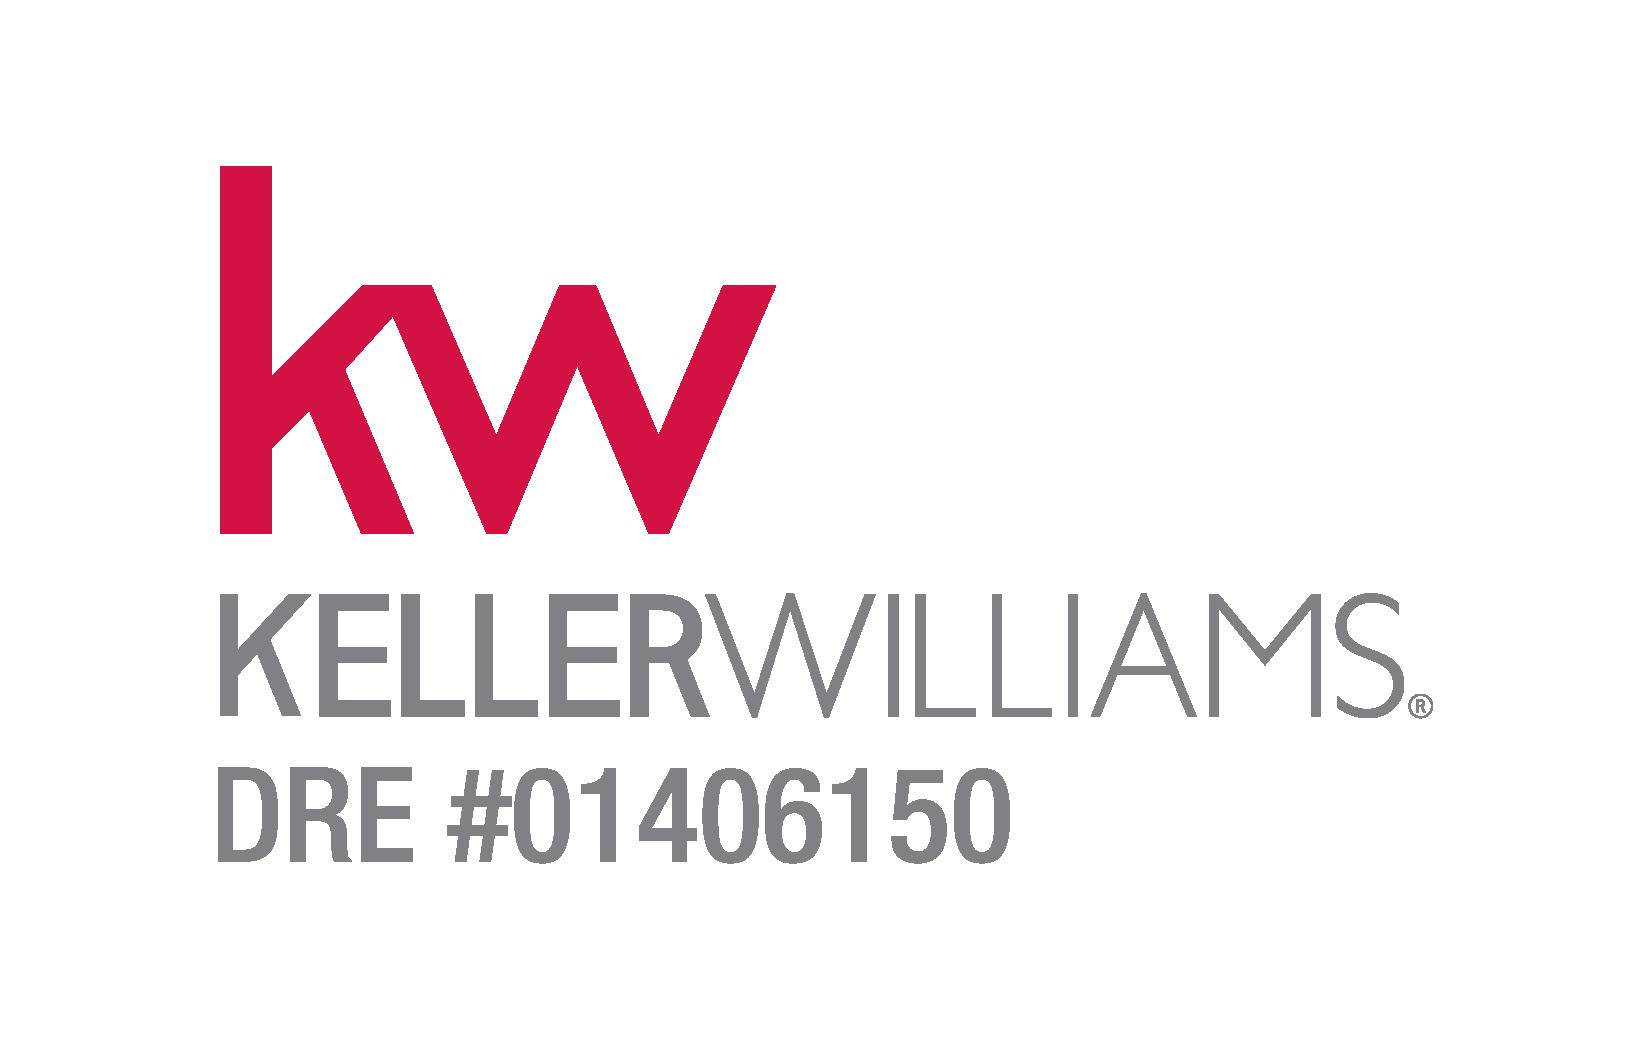 Keller Williams Realty Folsom [DRE# 01406150]